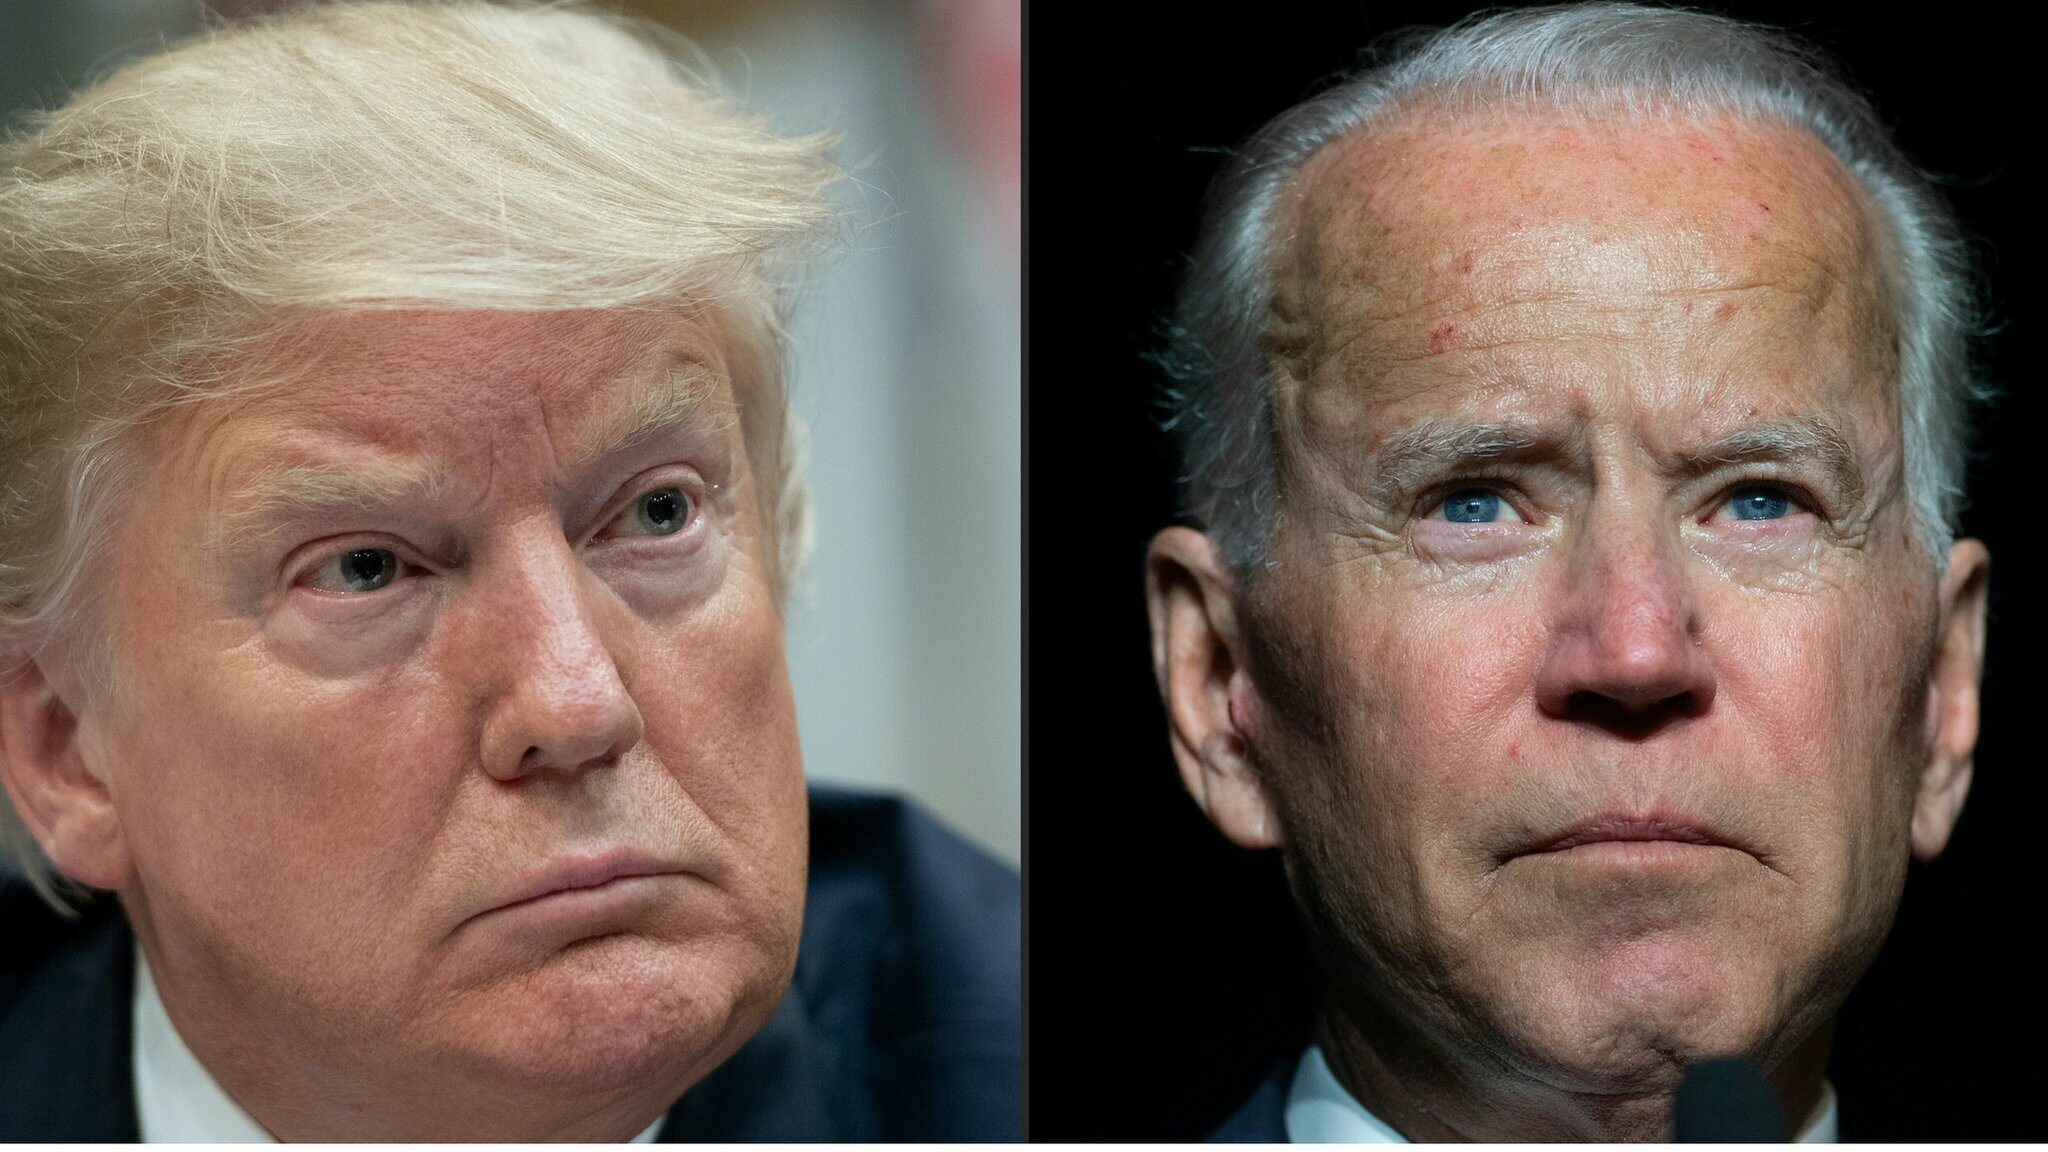 เลือกตั้งสหรัฐฯ : จีนอยากเห็น ทรัมป์ หรือ ไบเดน เป็นประธานาธิบดีสหรัฐฯ